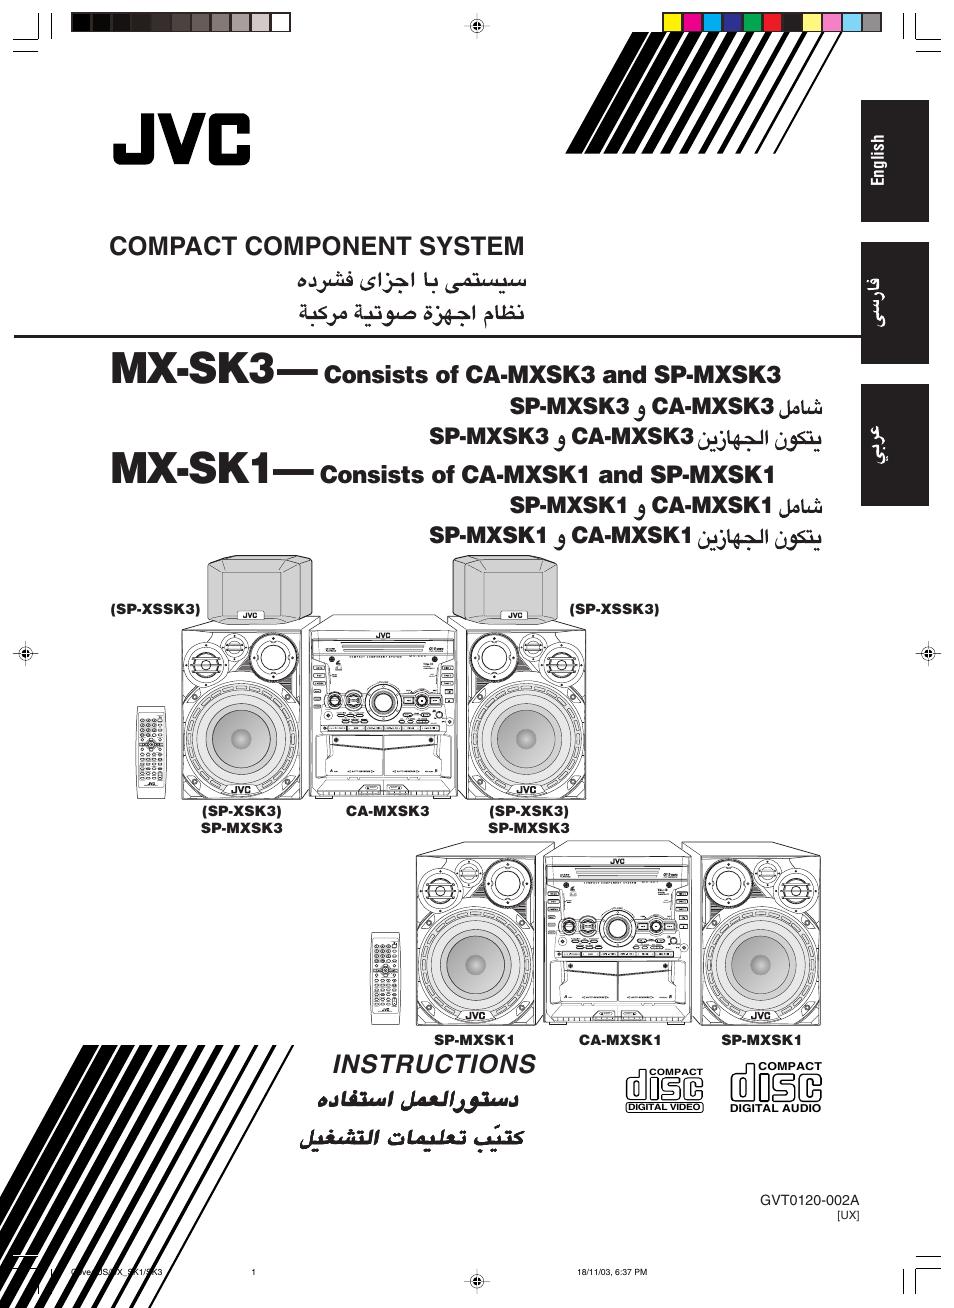 Ux version, Instructions, Mx-sk3 | Mx-sk1, Ýuä q,